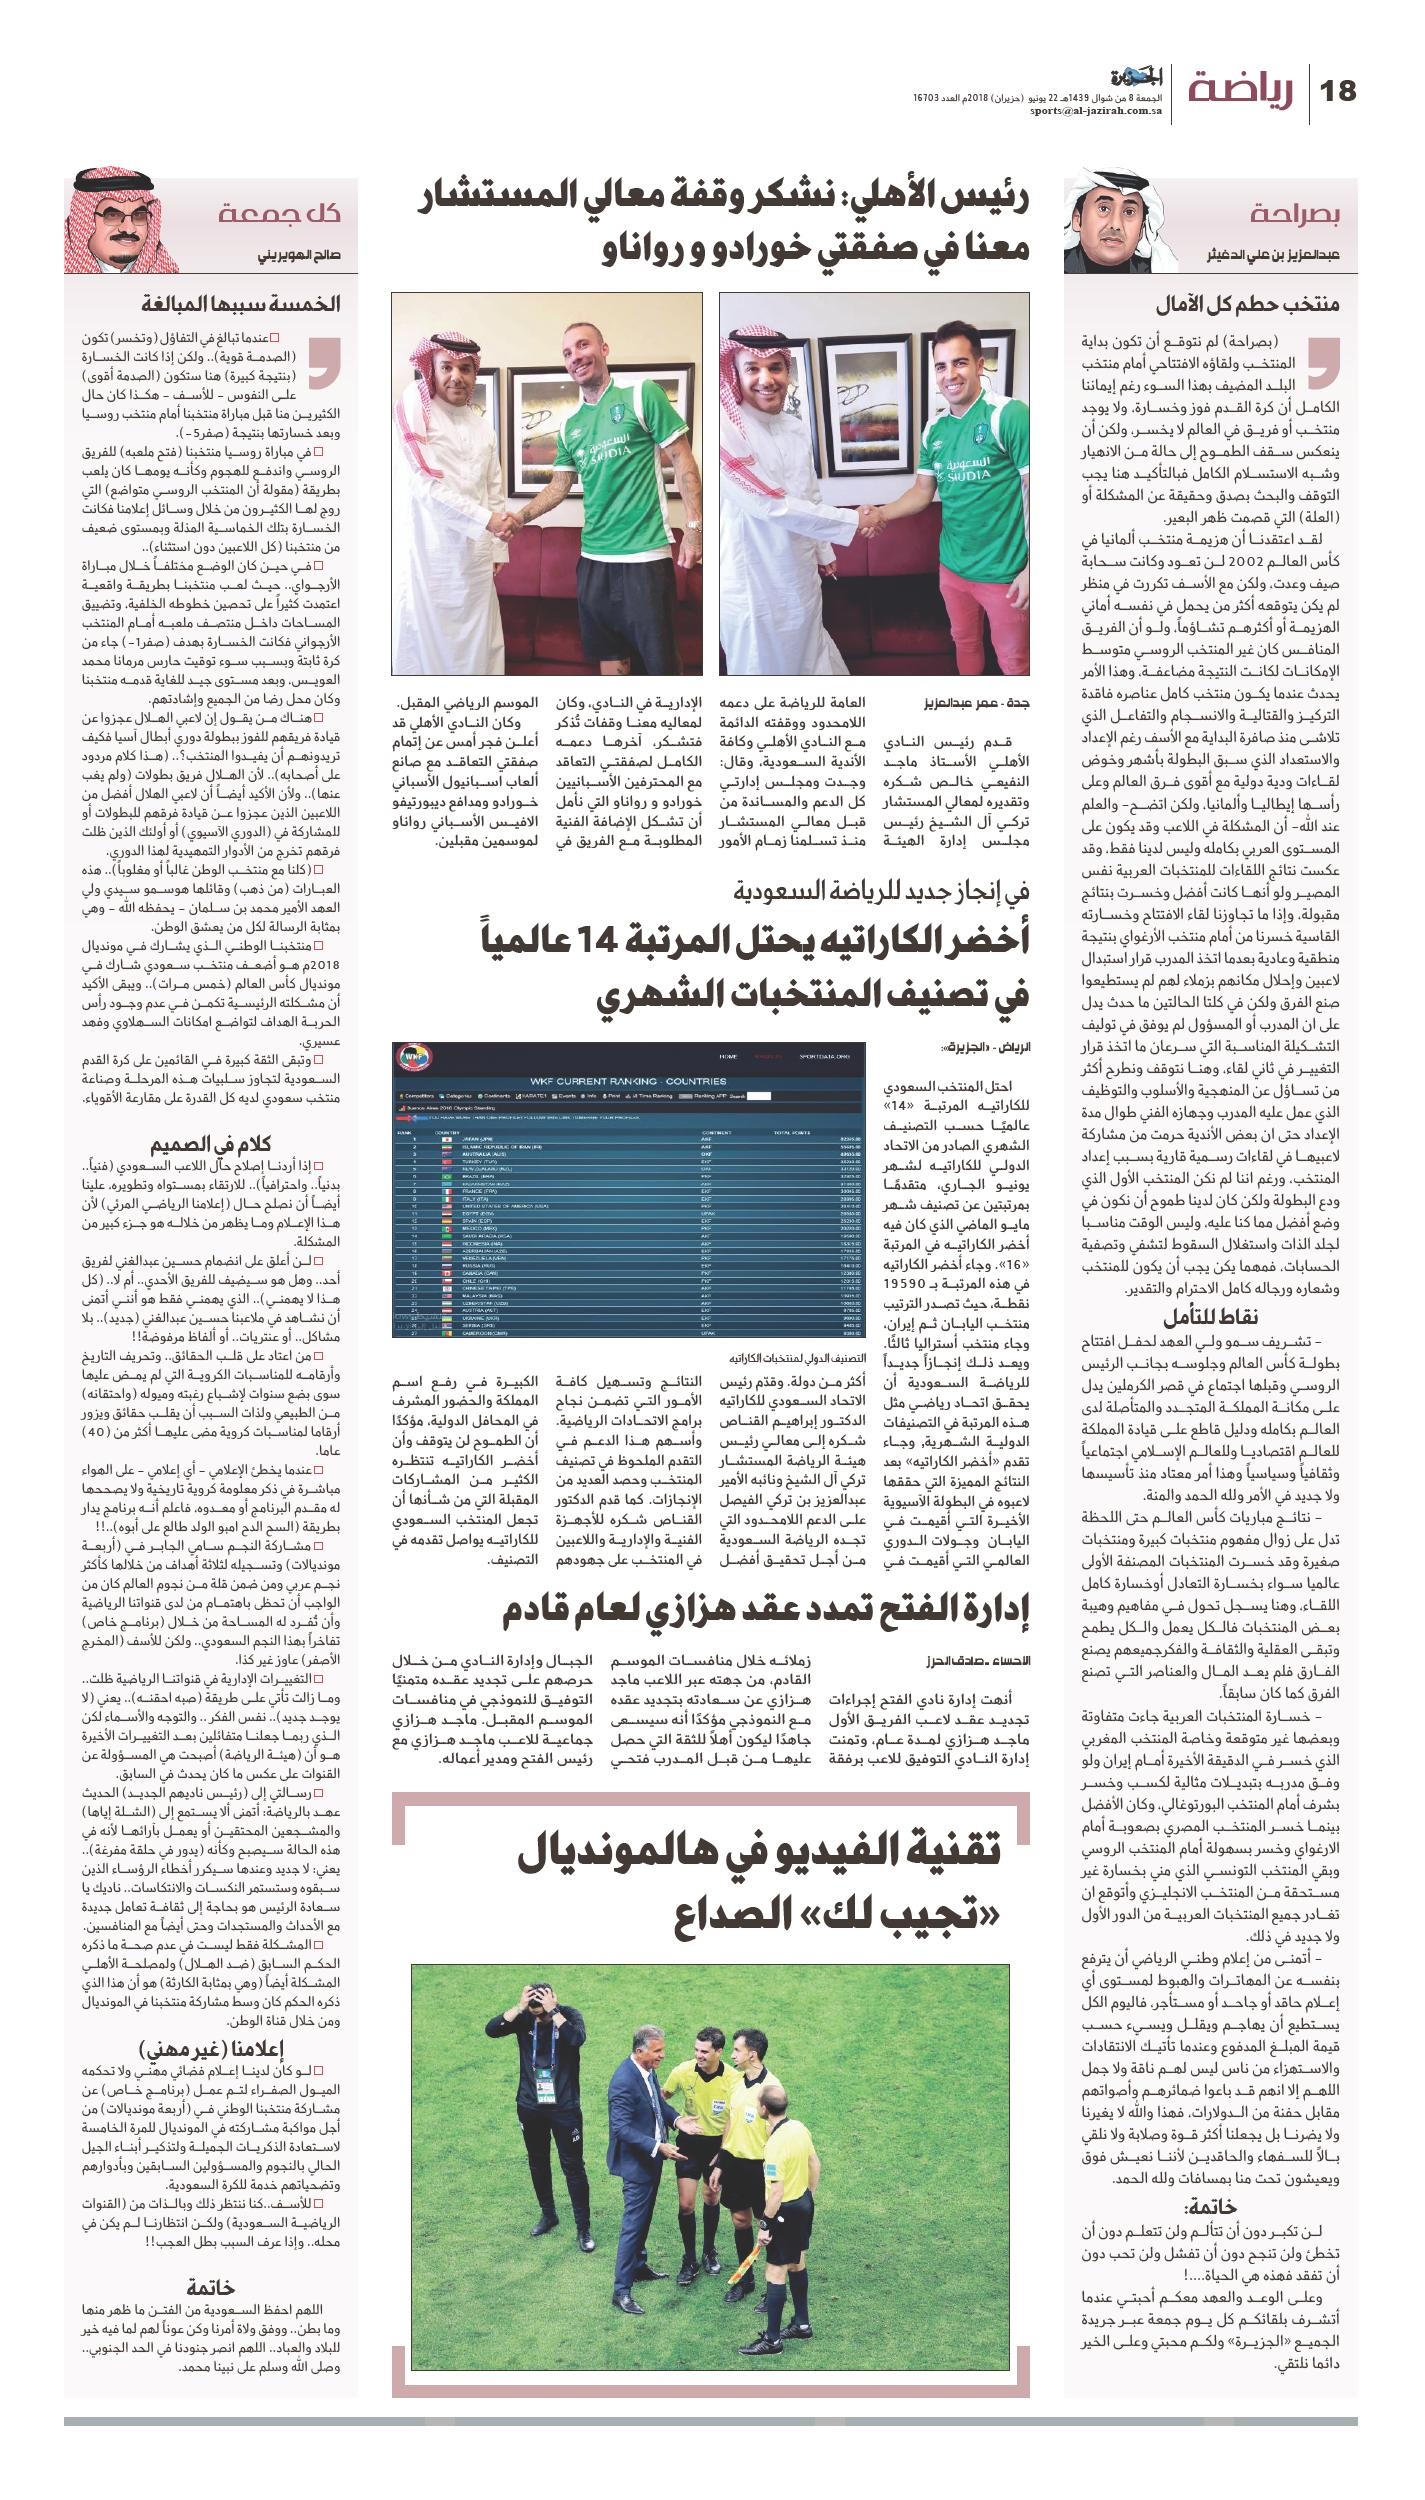 """أخبار الصحف الجمعة 8/ 10/ 1439 هـ الرياضية^الرياض^الجزيرة""""خاص بكأس العالم"""""""